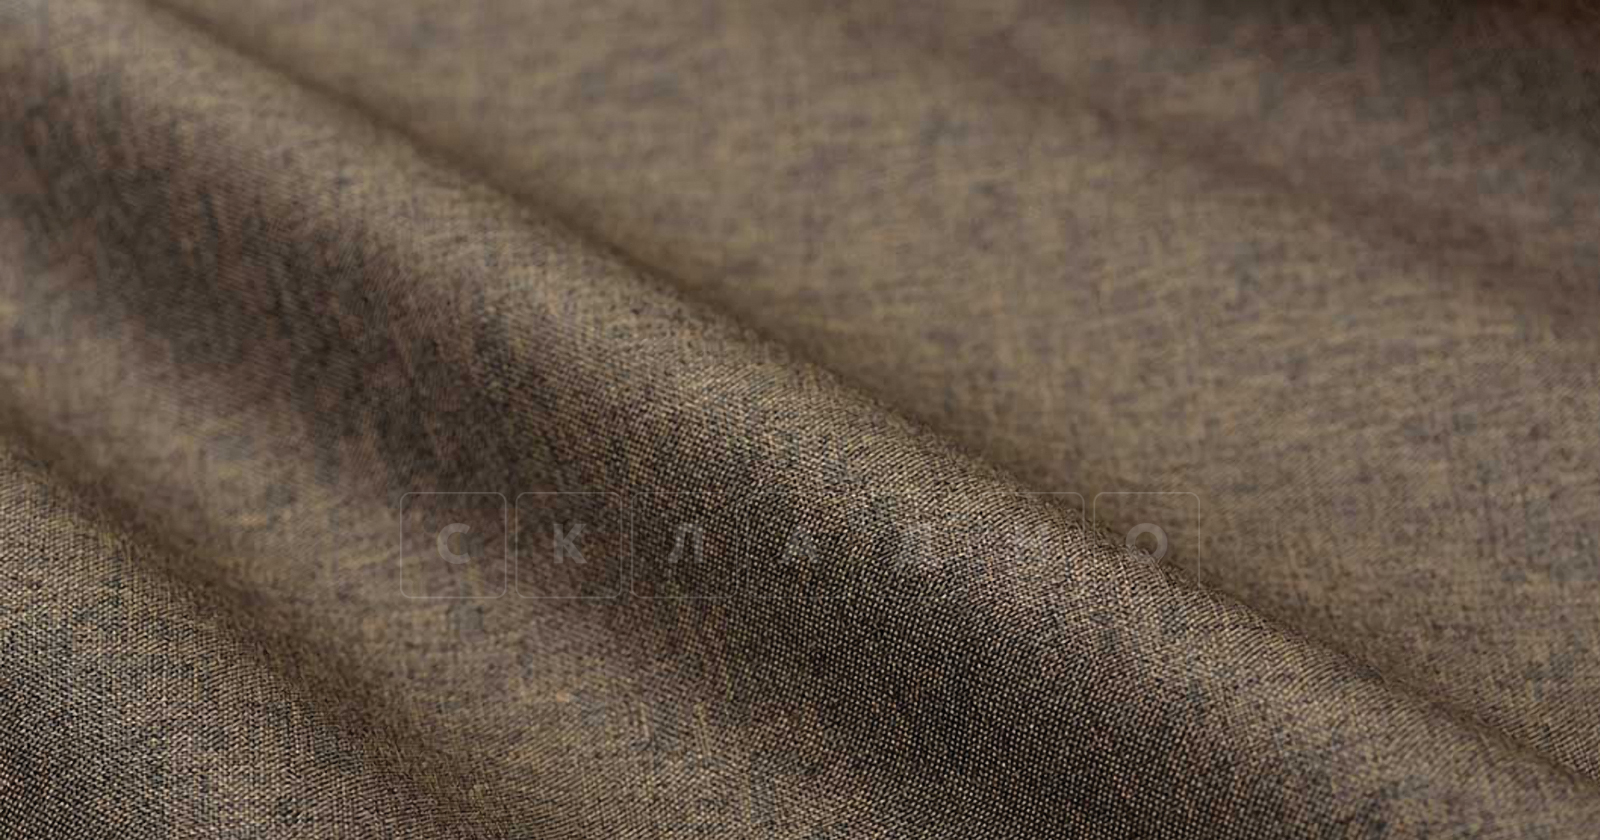 Диван-кровать Найс 120 бежевый ТД 111 фото 3 | интернет-магазин Складно